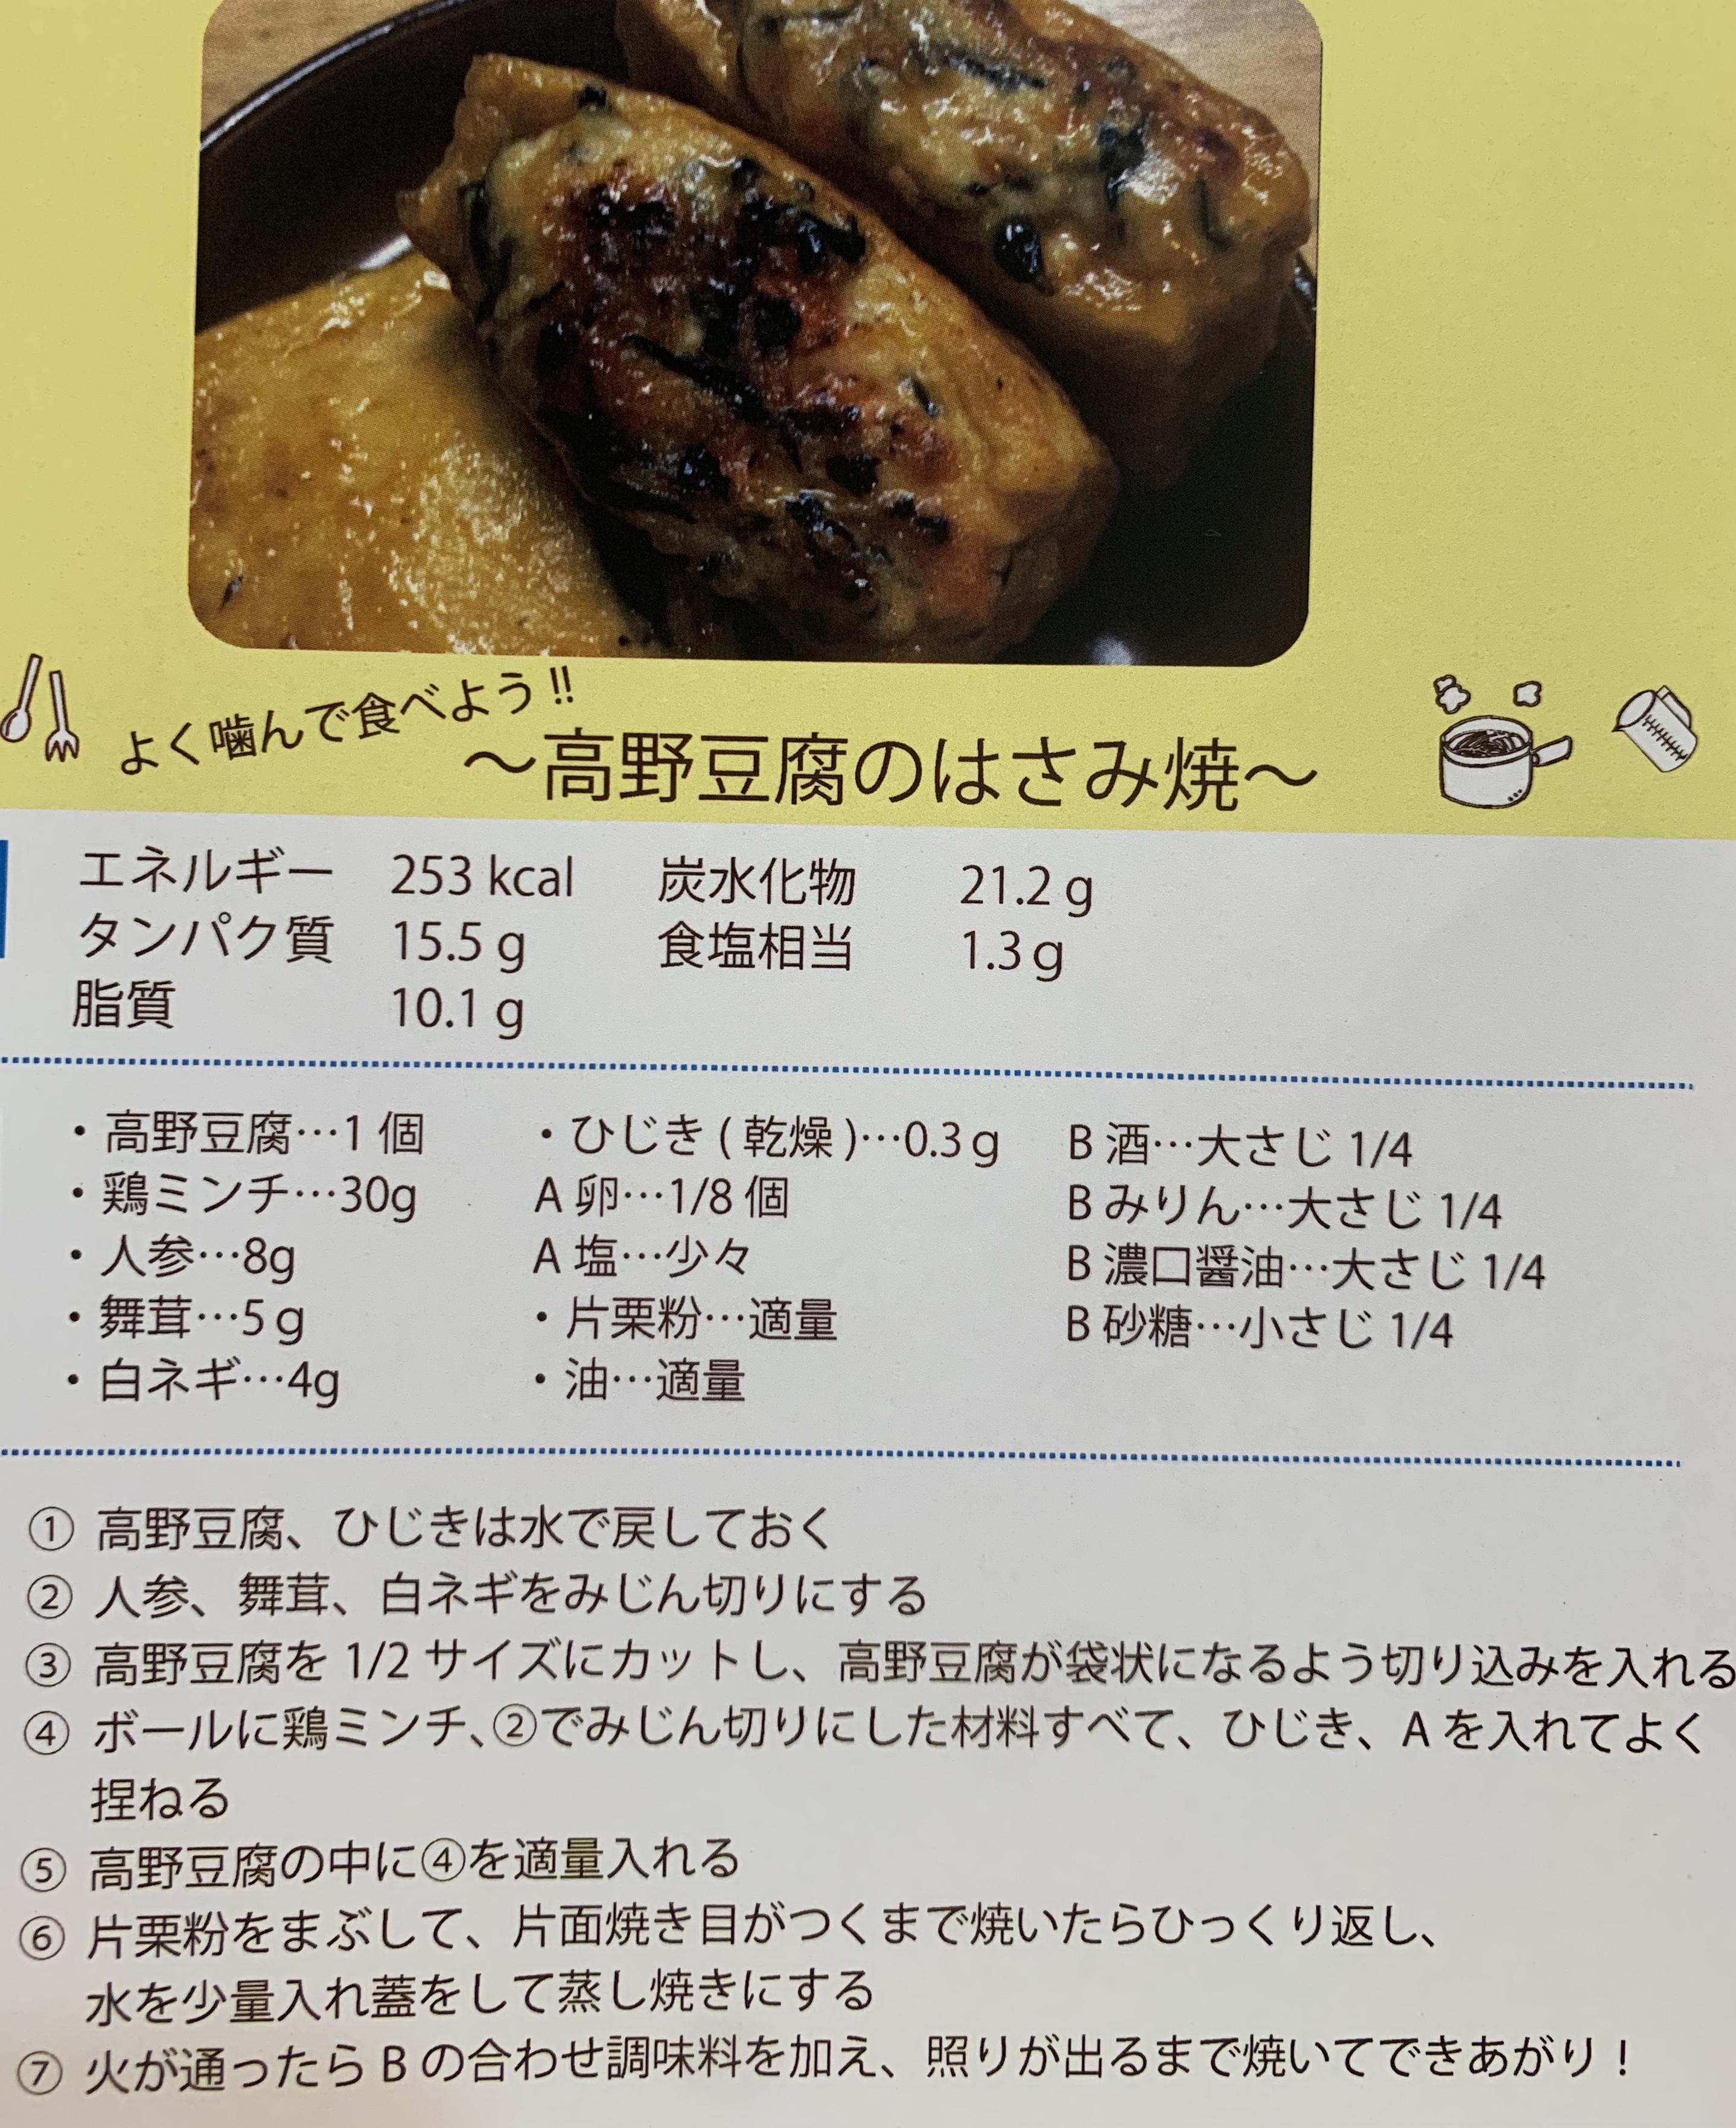 免疫力アップメニュー*東大阪の歯科医院 安部歯科医院のブログ